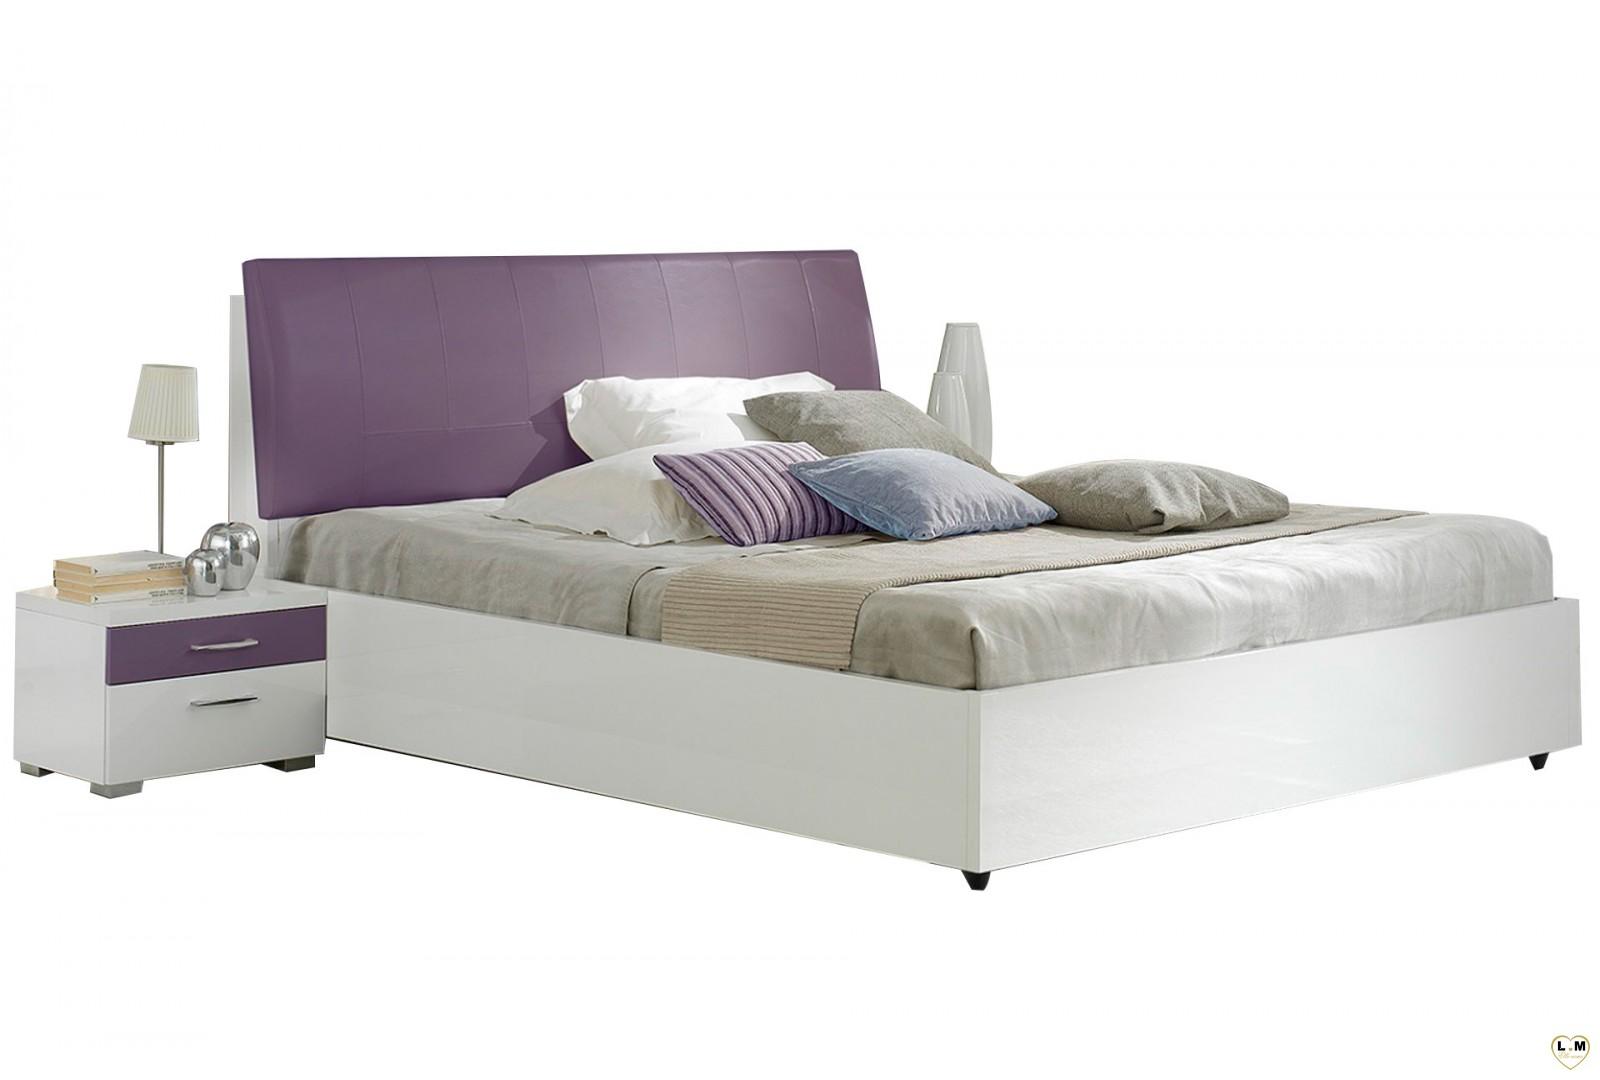 Veronica laque violet et blanc ensemble chambre a coucher for Lit et chambre a coucher